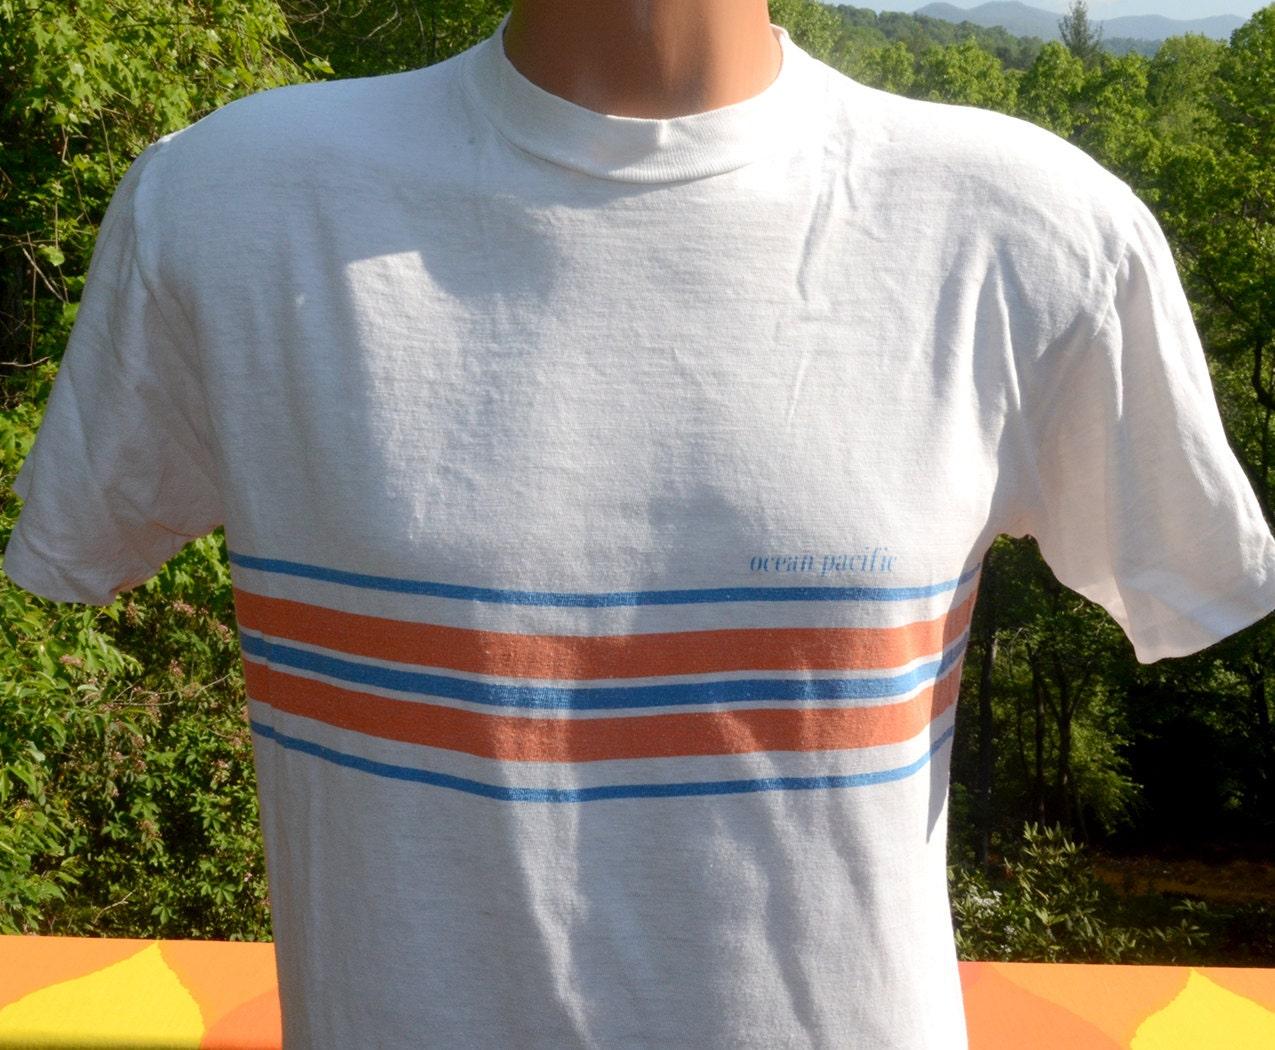 Ocean Pacific Vintage Clothing